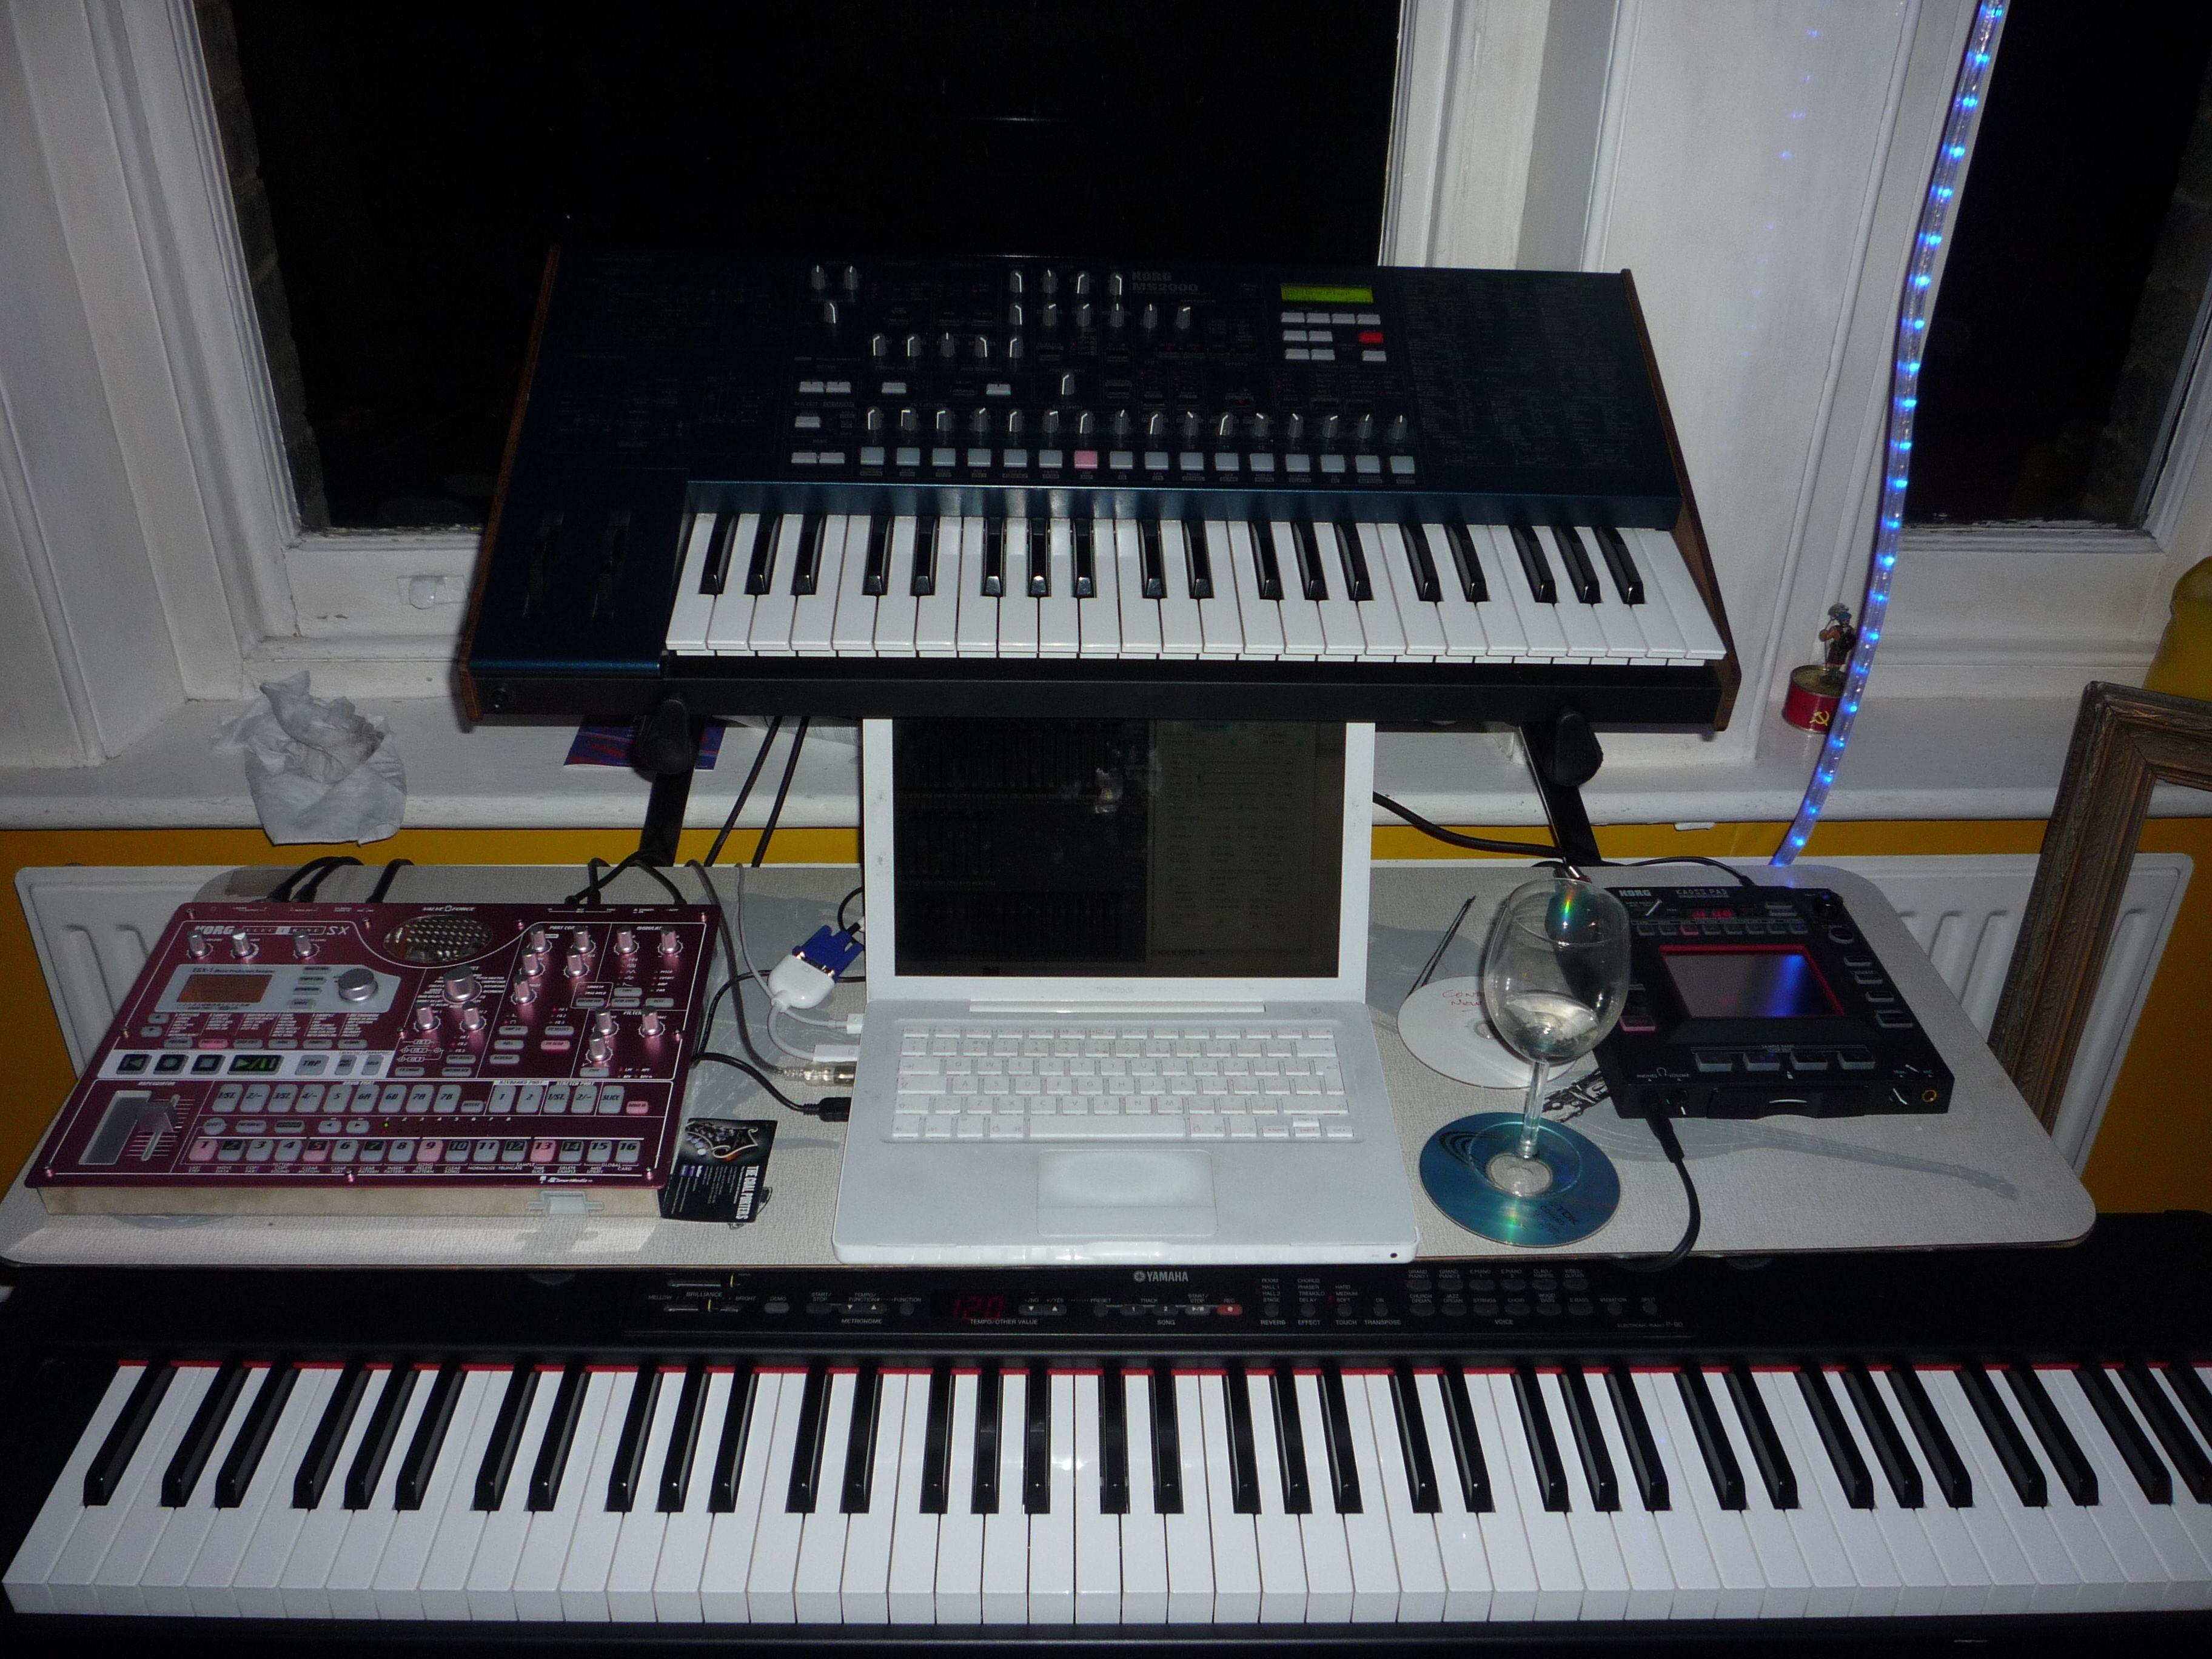 Dual-layer setup: Korg Electribe SX, Korg MS2000, Korg Kaoss Pad and